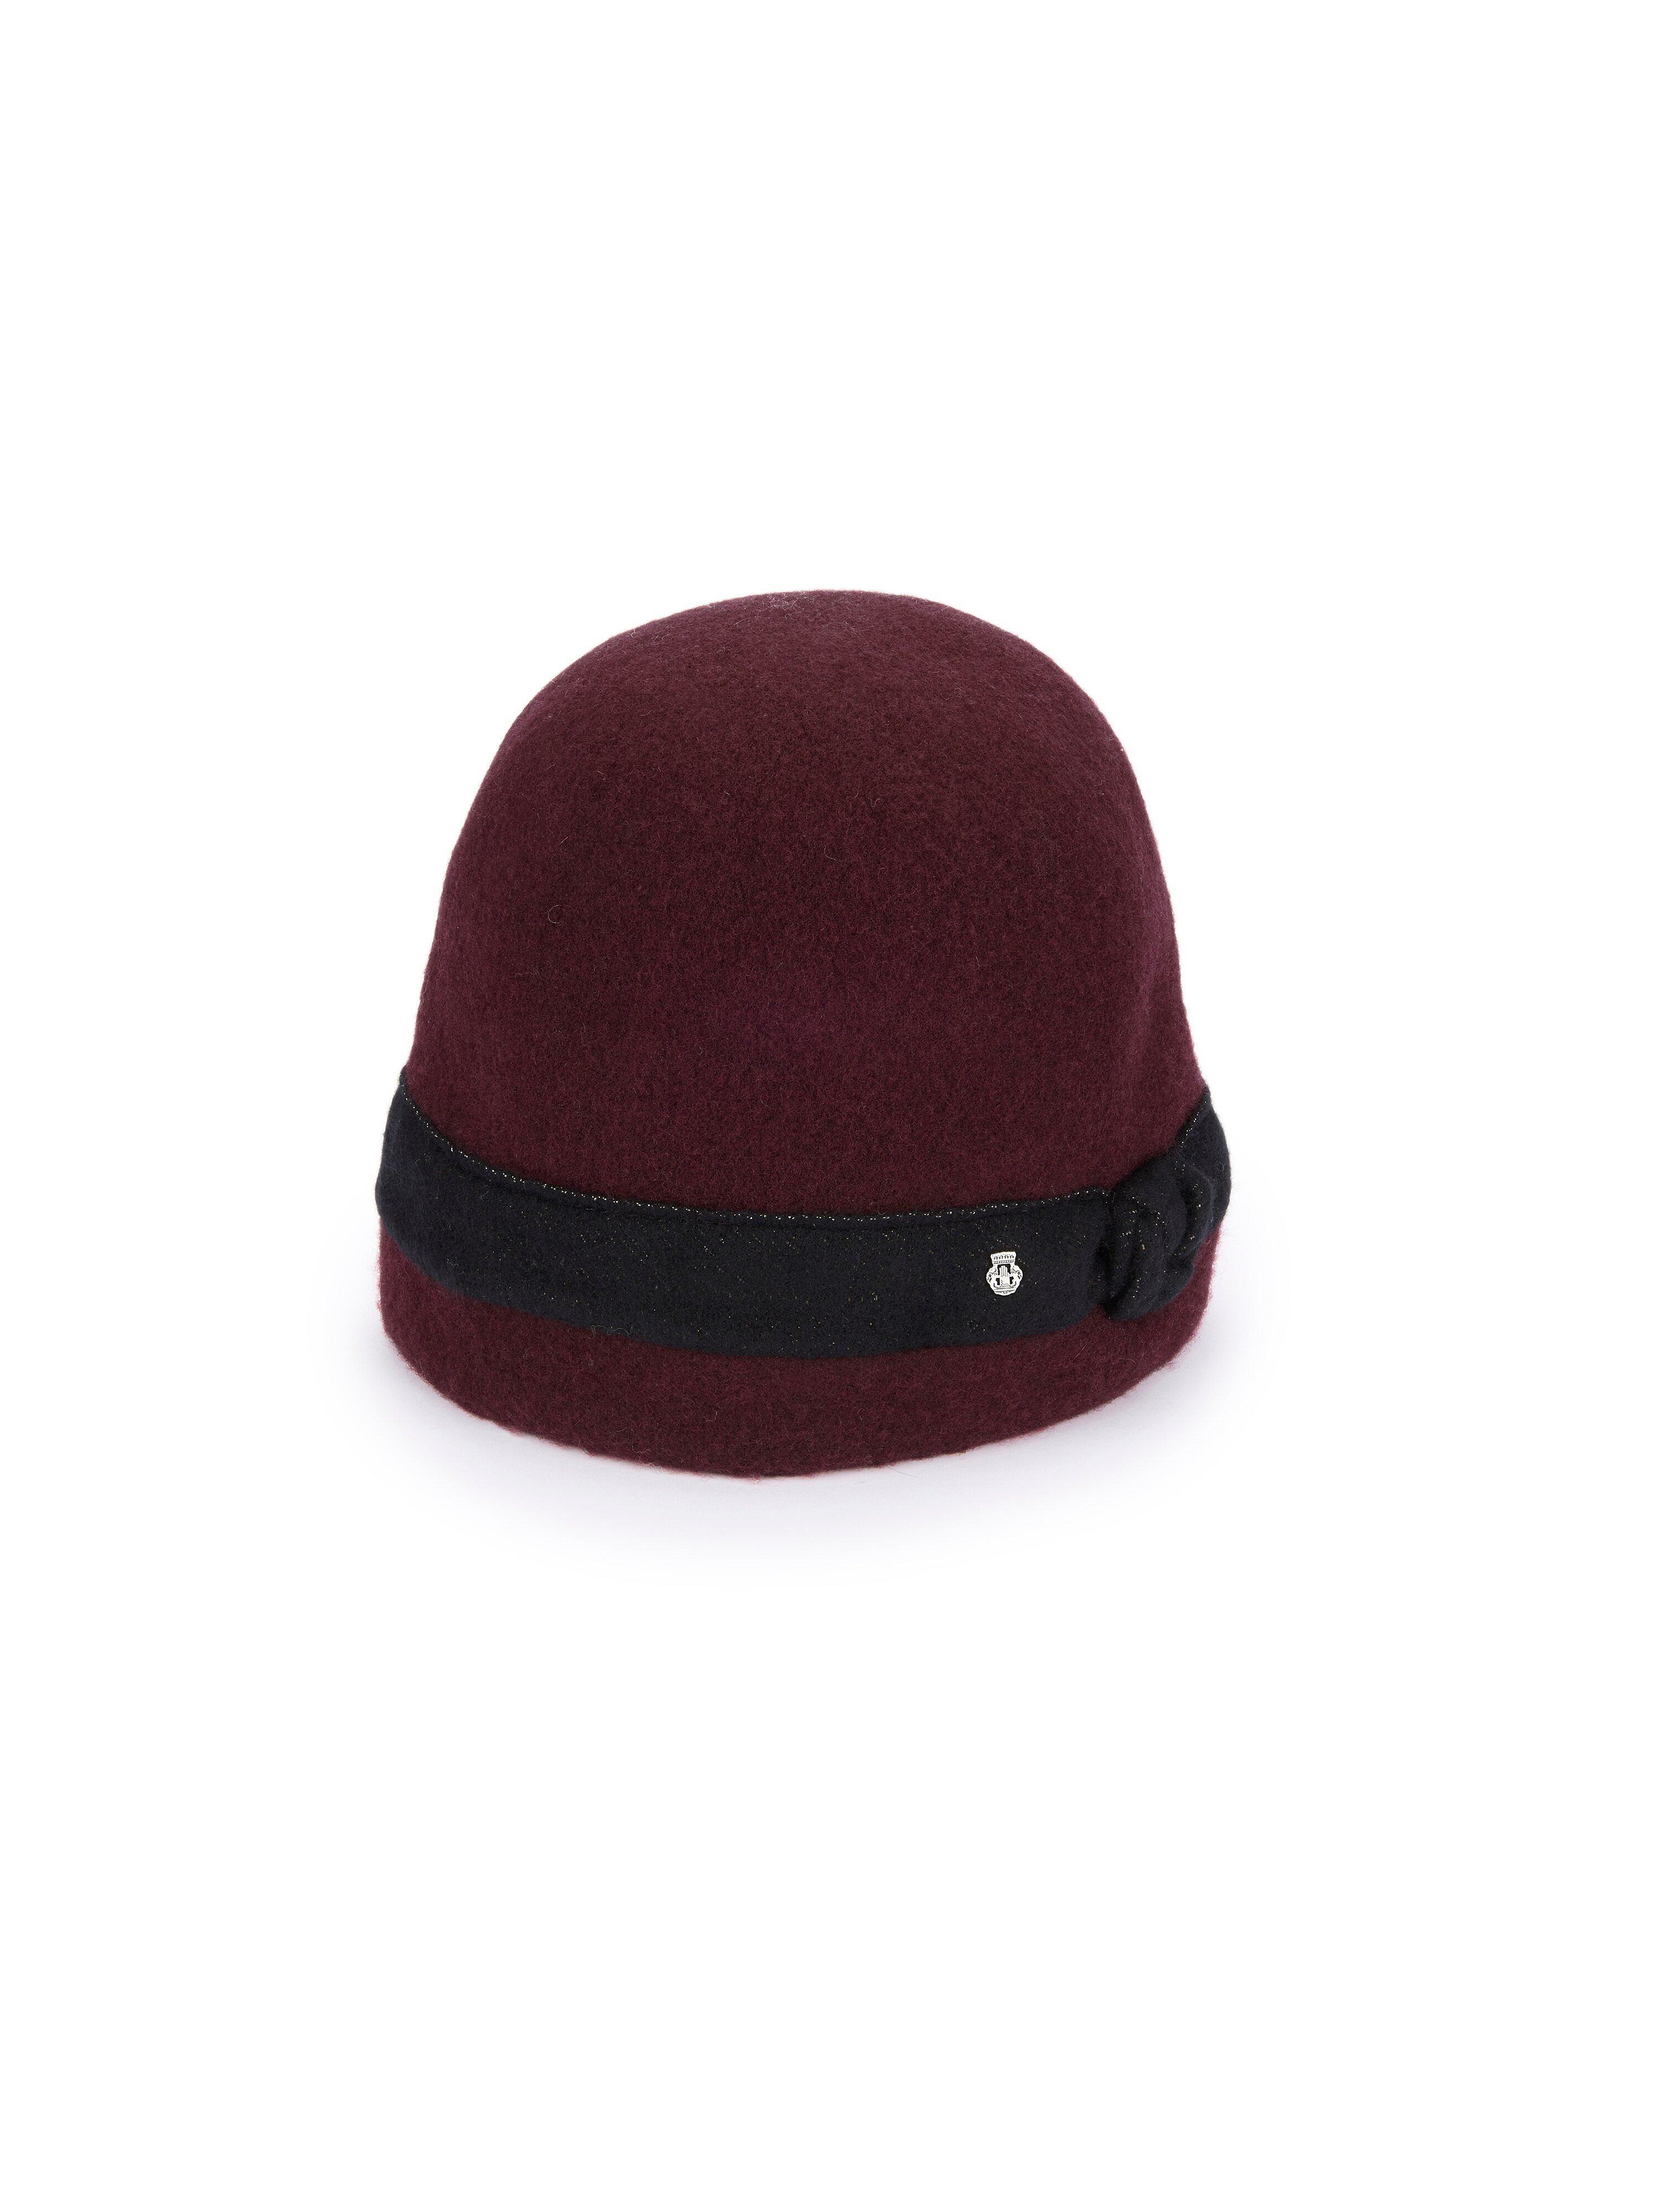 Le bonnet 100% laine  Roeckl rouge